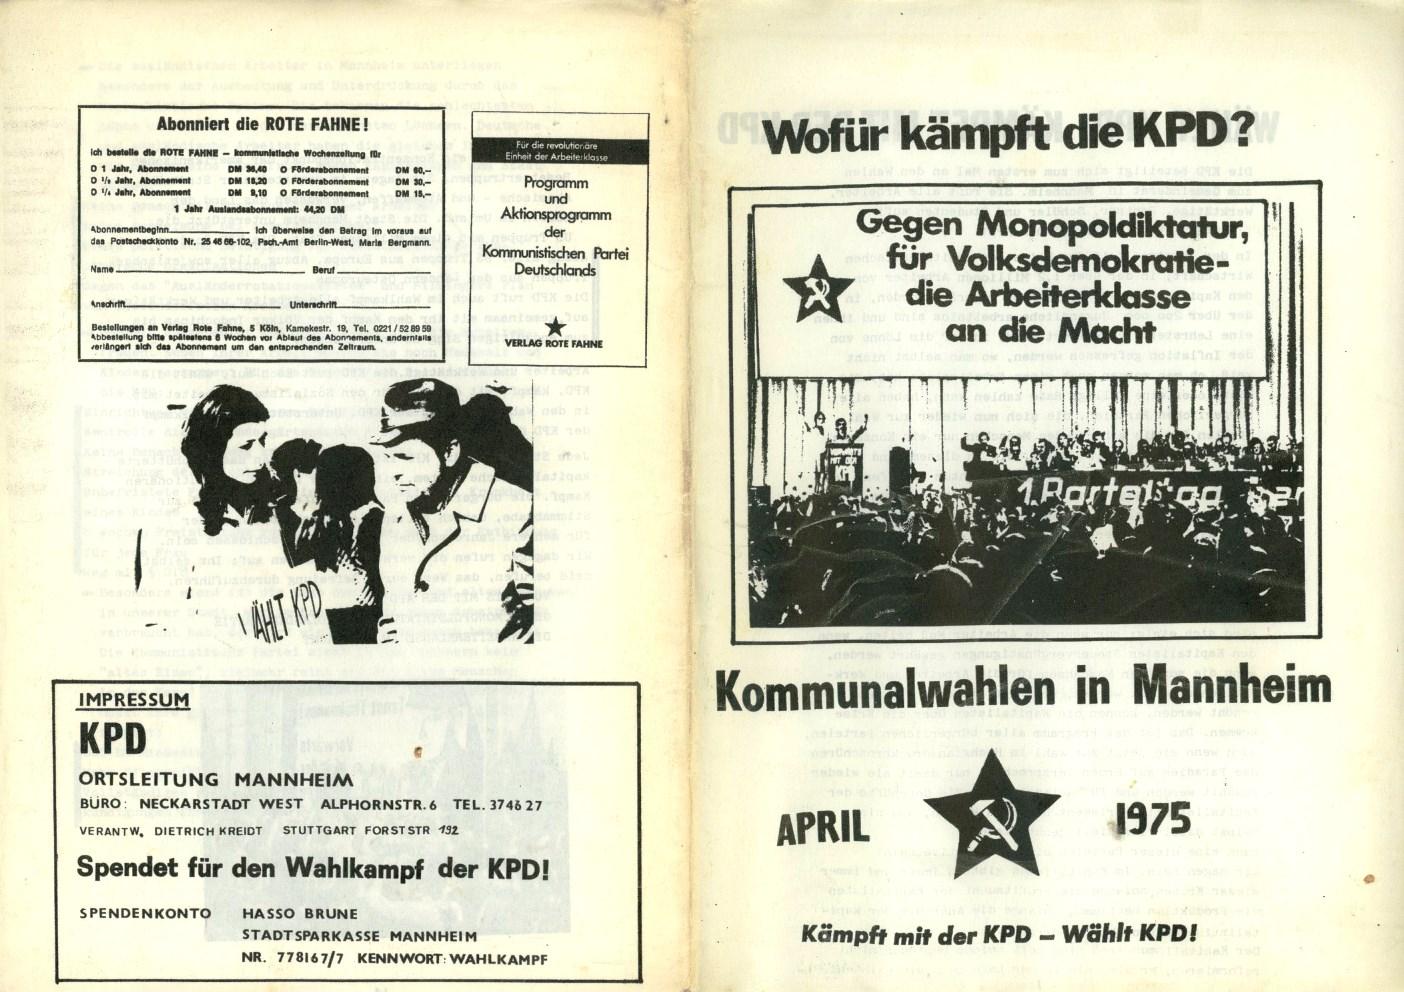 Mannheim_KPDAO_Kommunalwahlen_1975_01